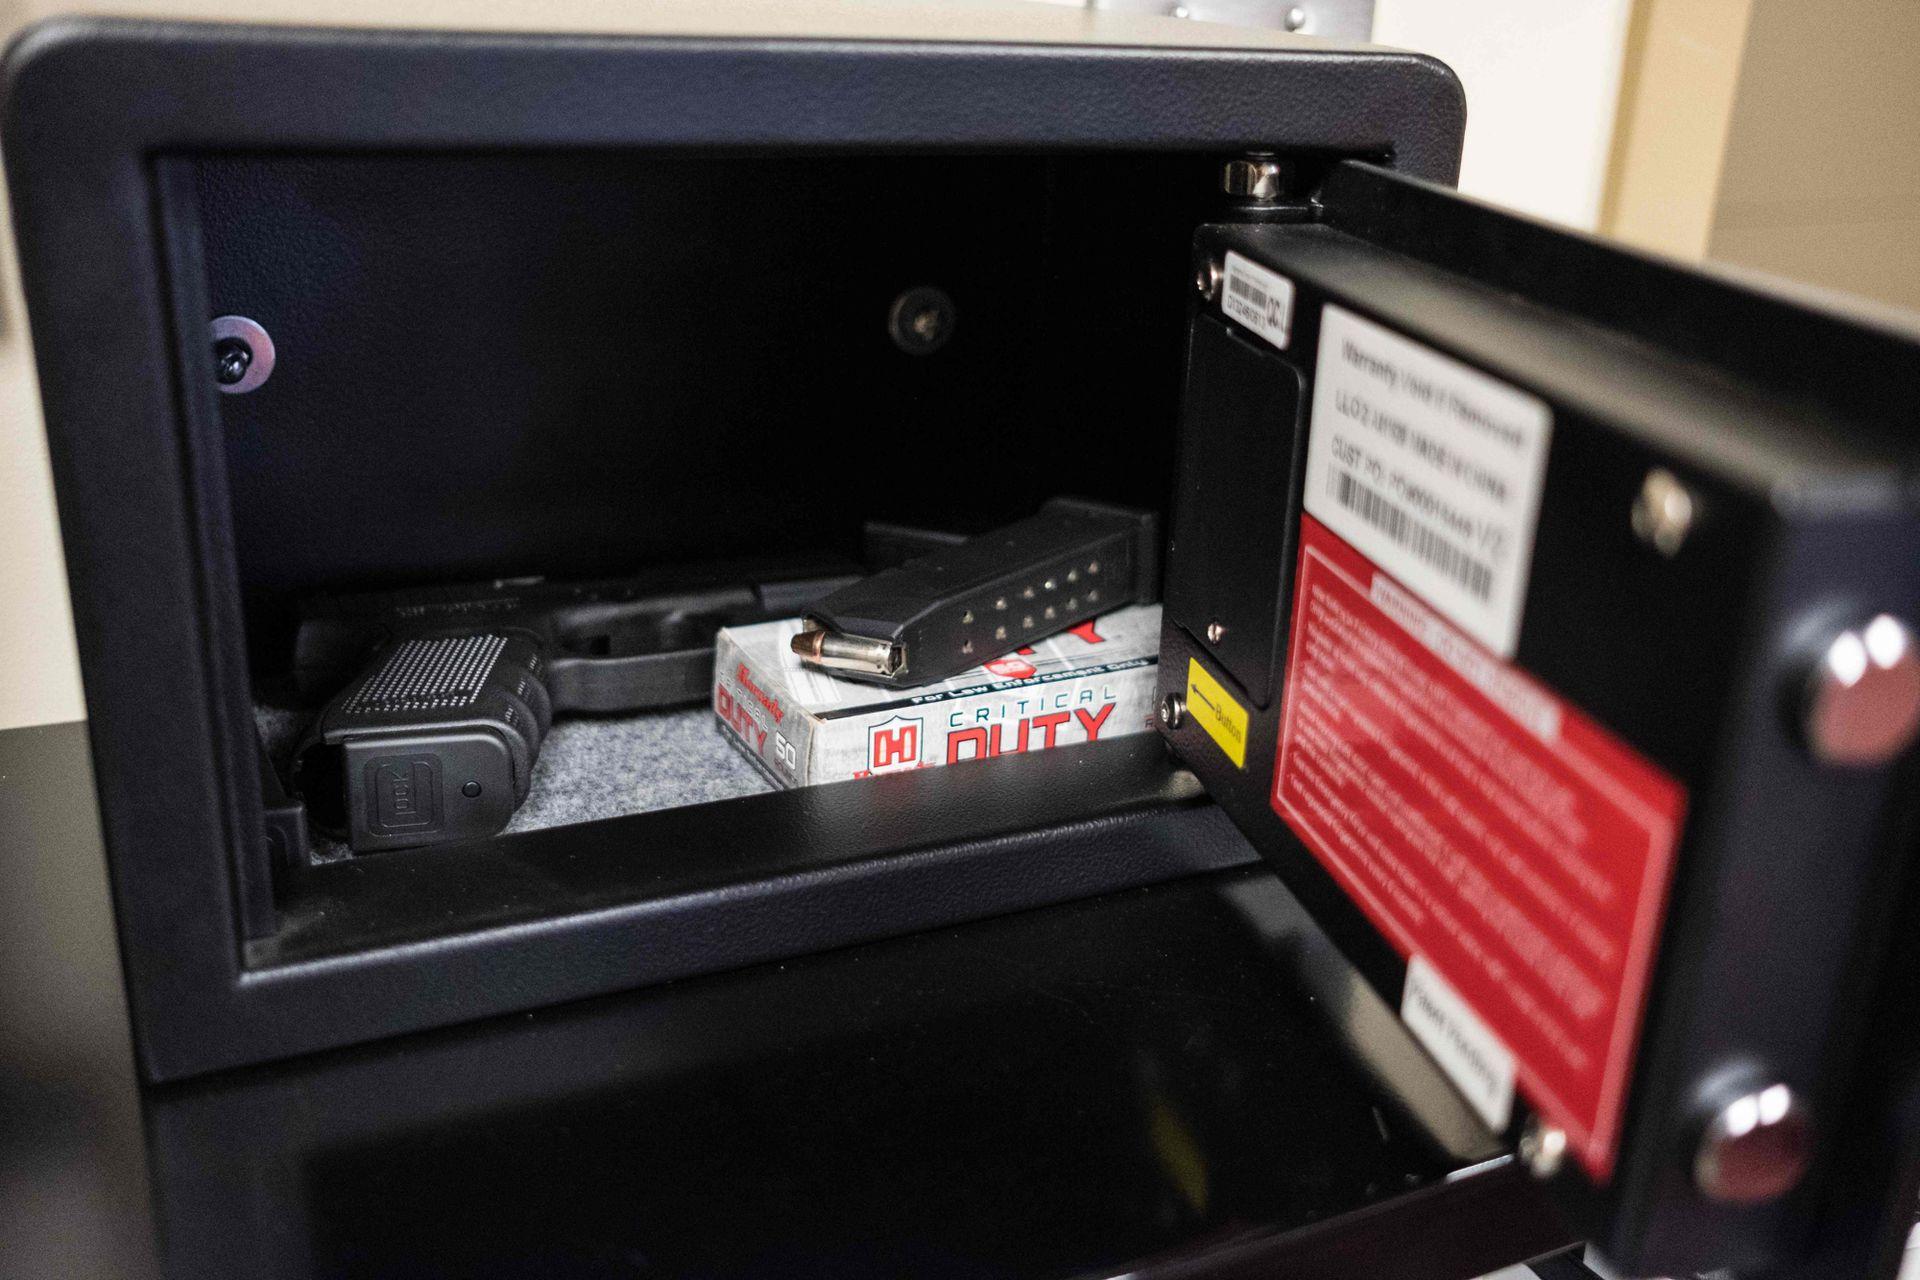 Armas y cargadores en una caja fuerte que se abre por huella dactilar